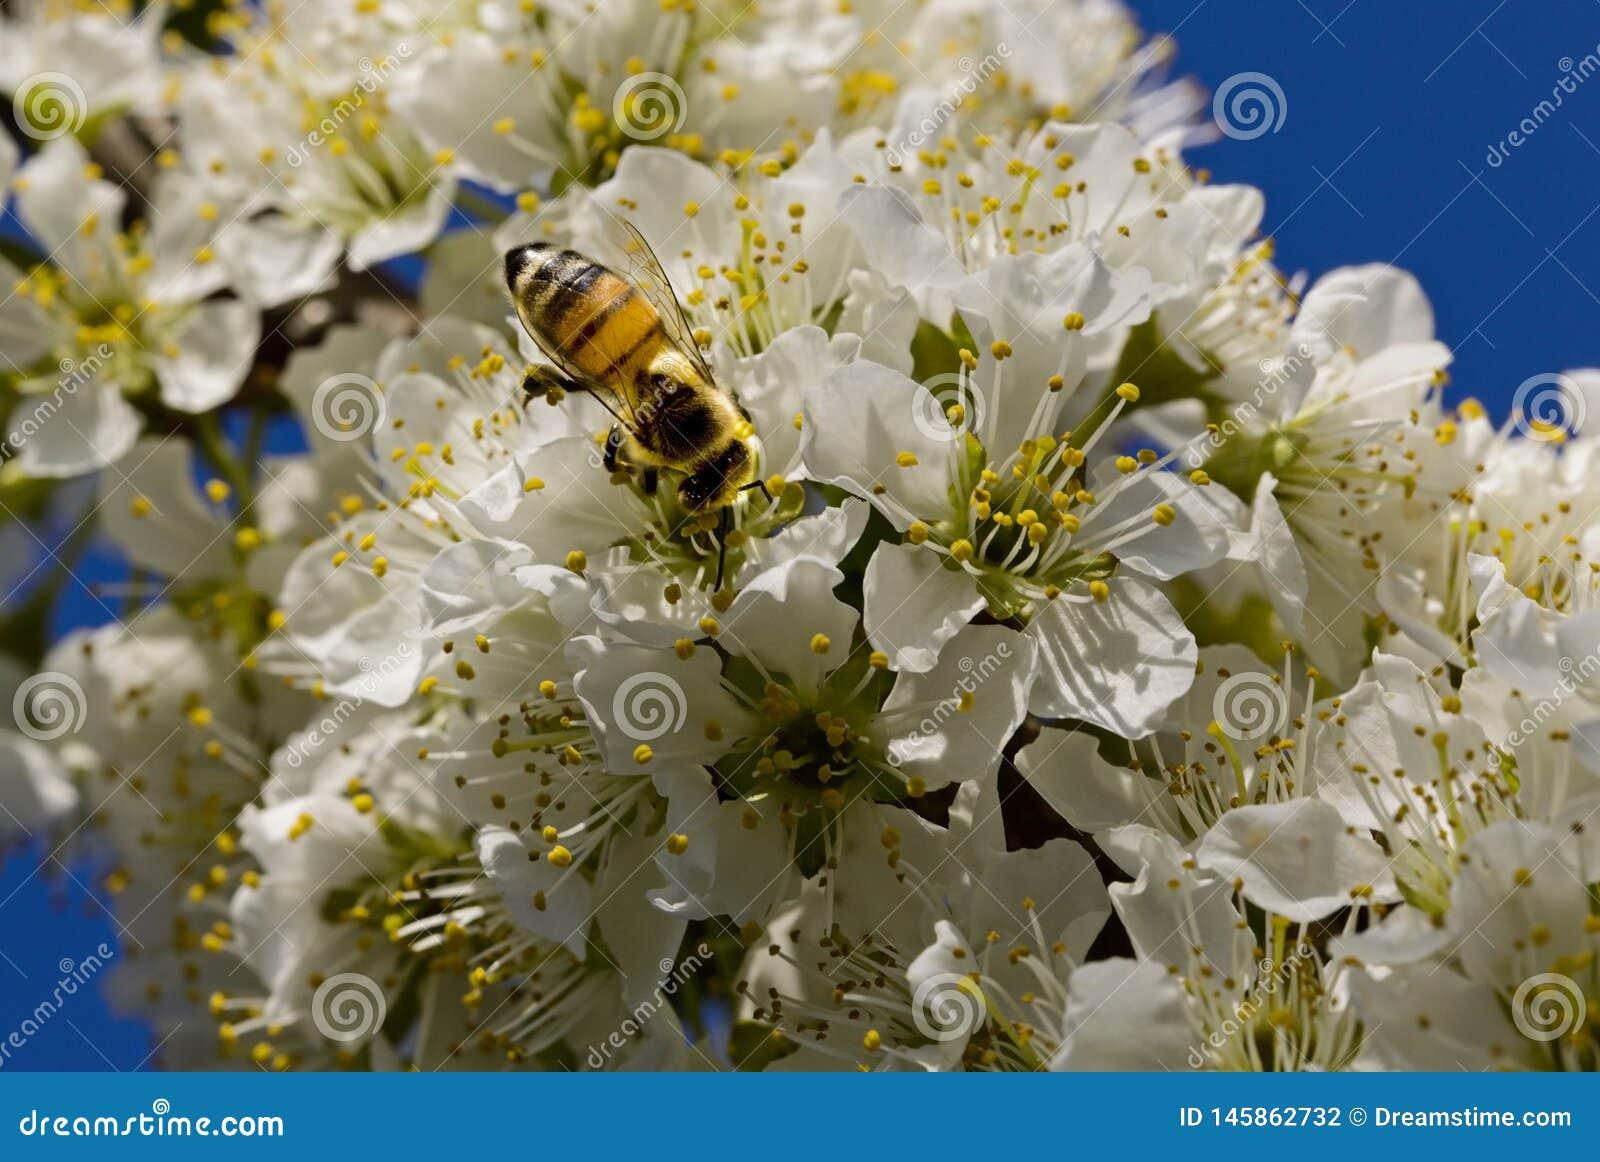 Pszczoła zapyla na białych kwiatach